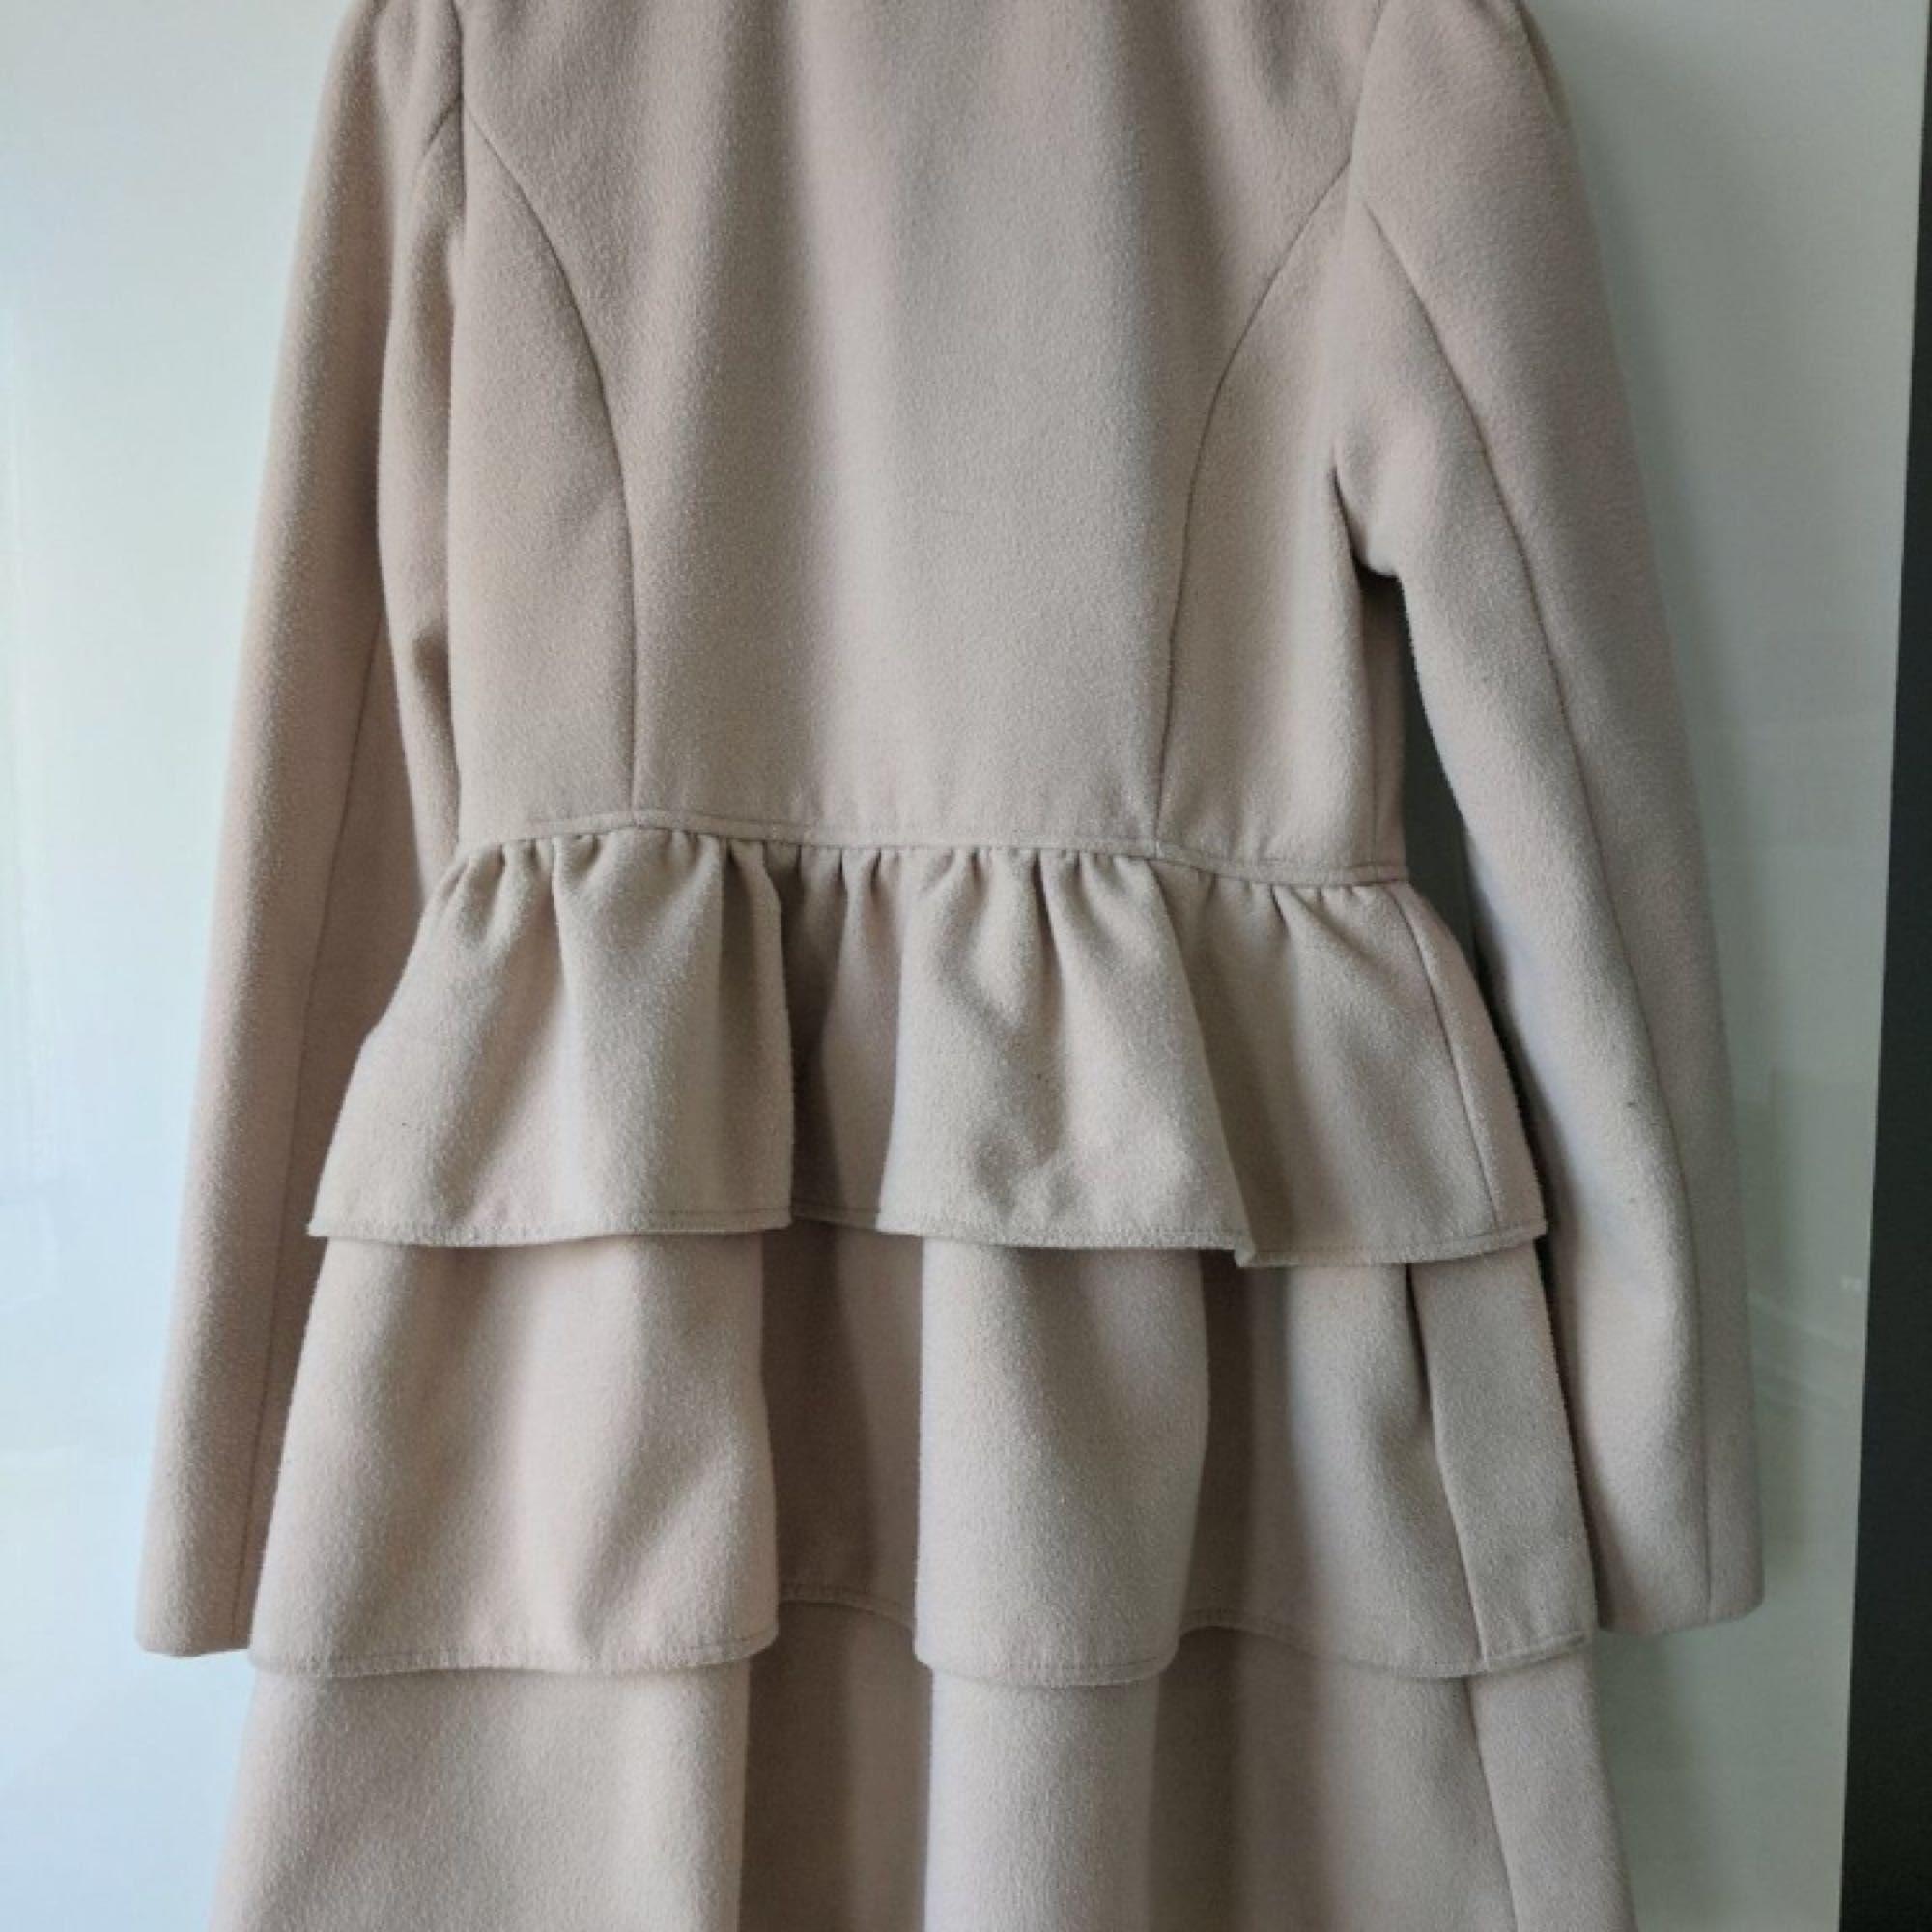 b493a86c892d Den är otroligt fin Säljer min väldigt fina ljusrosa jacka då den blivit  för liten. Den är otroligt fin